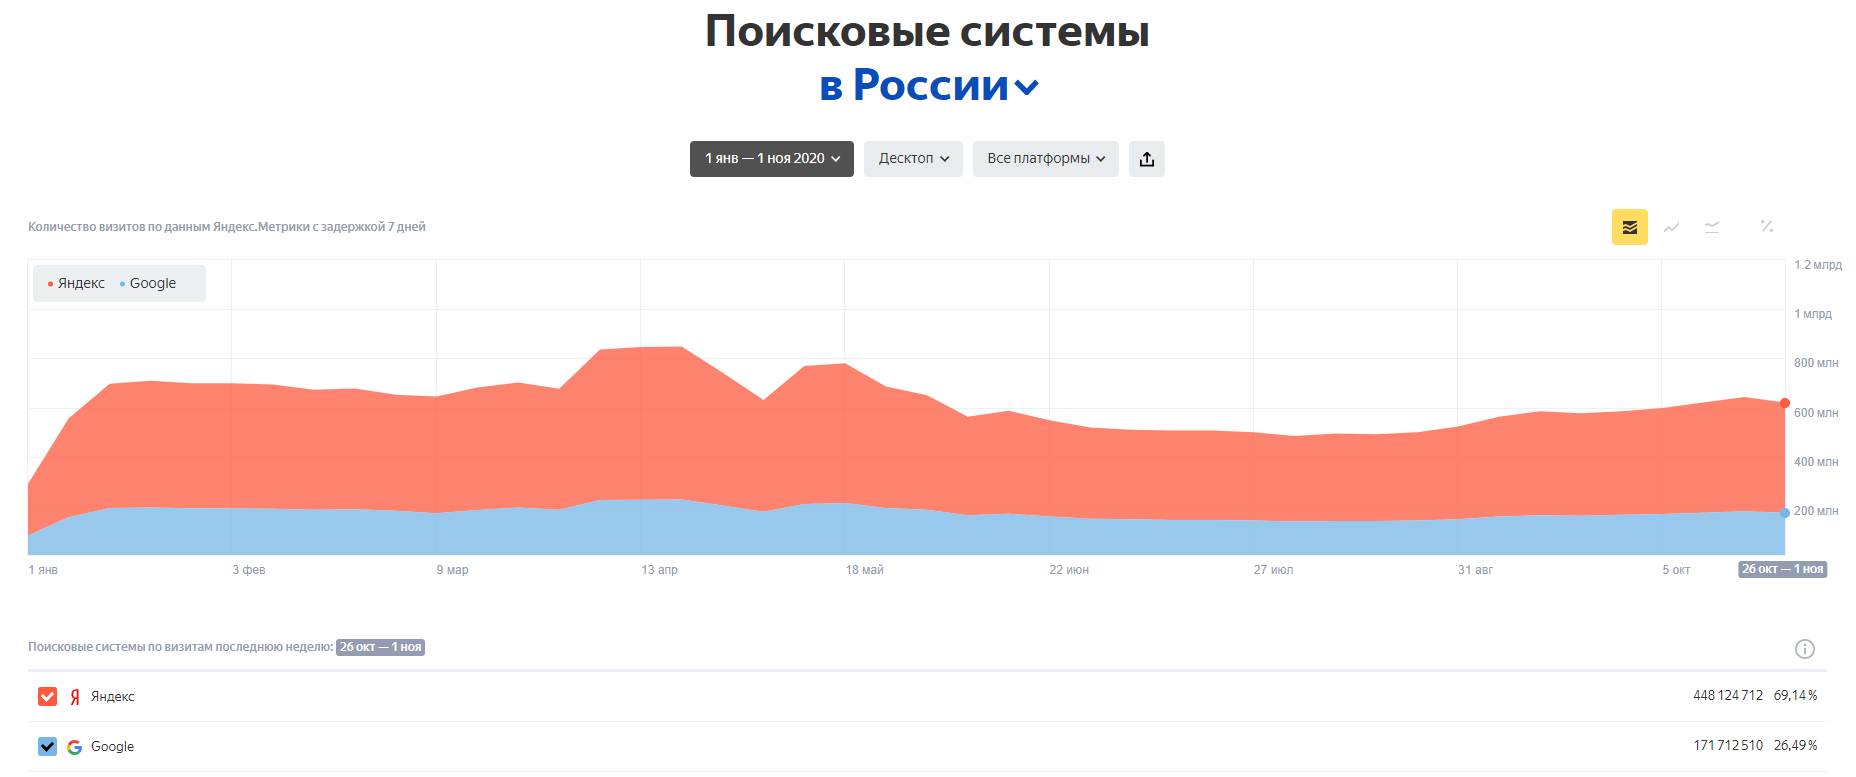 Статистика использования поисковых систем в России (десктоп)